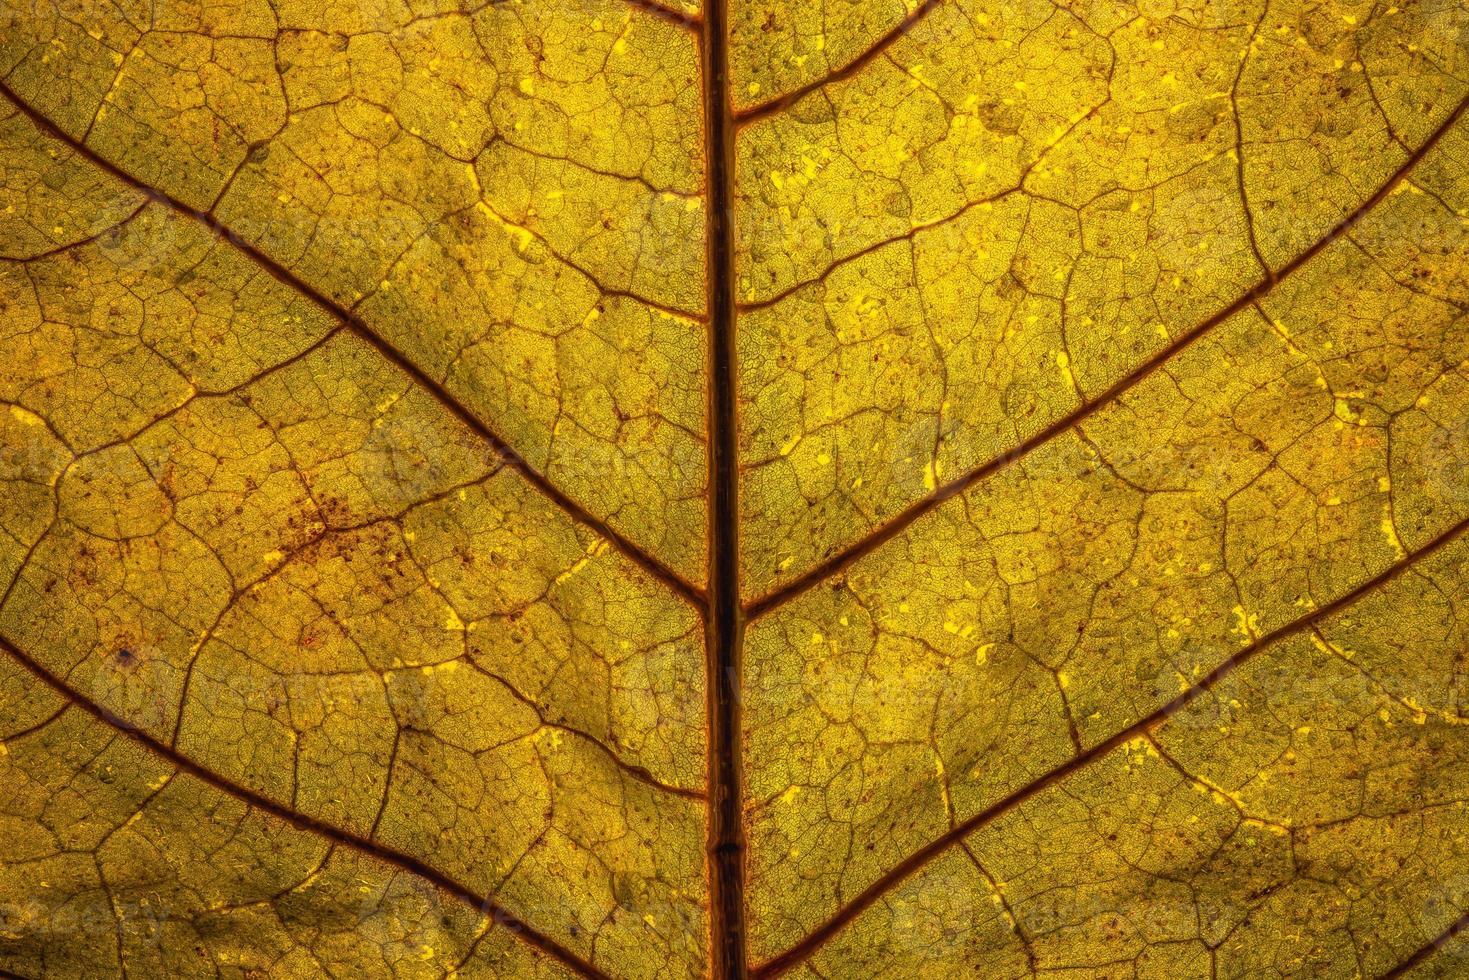 närbild av ett bakgrundsbelyst gult blad med röda vener foto